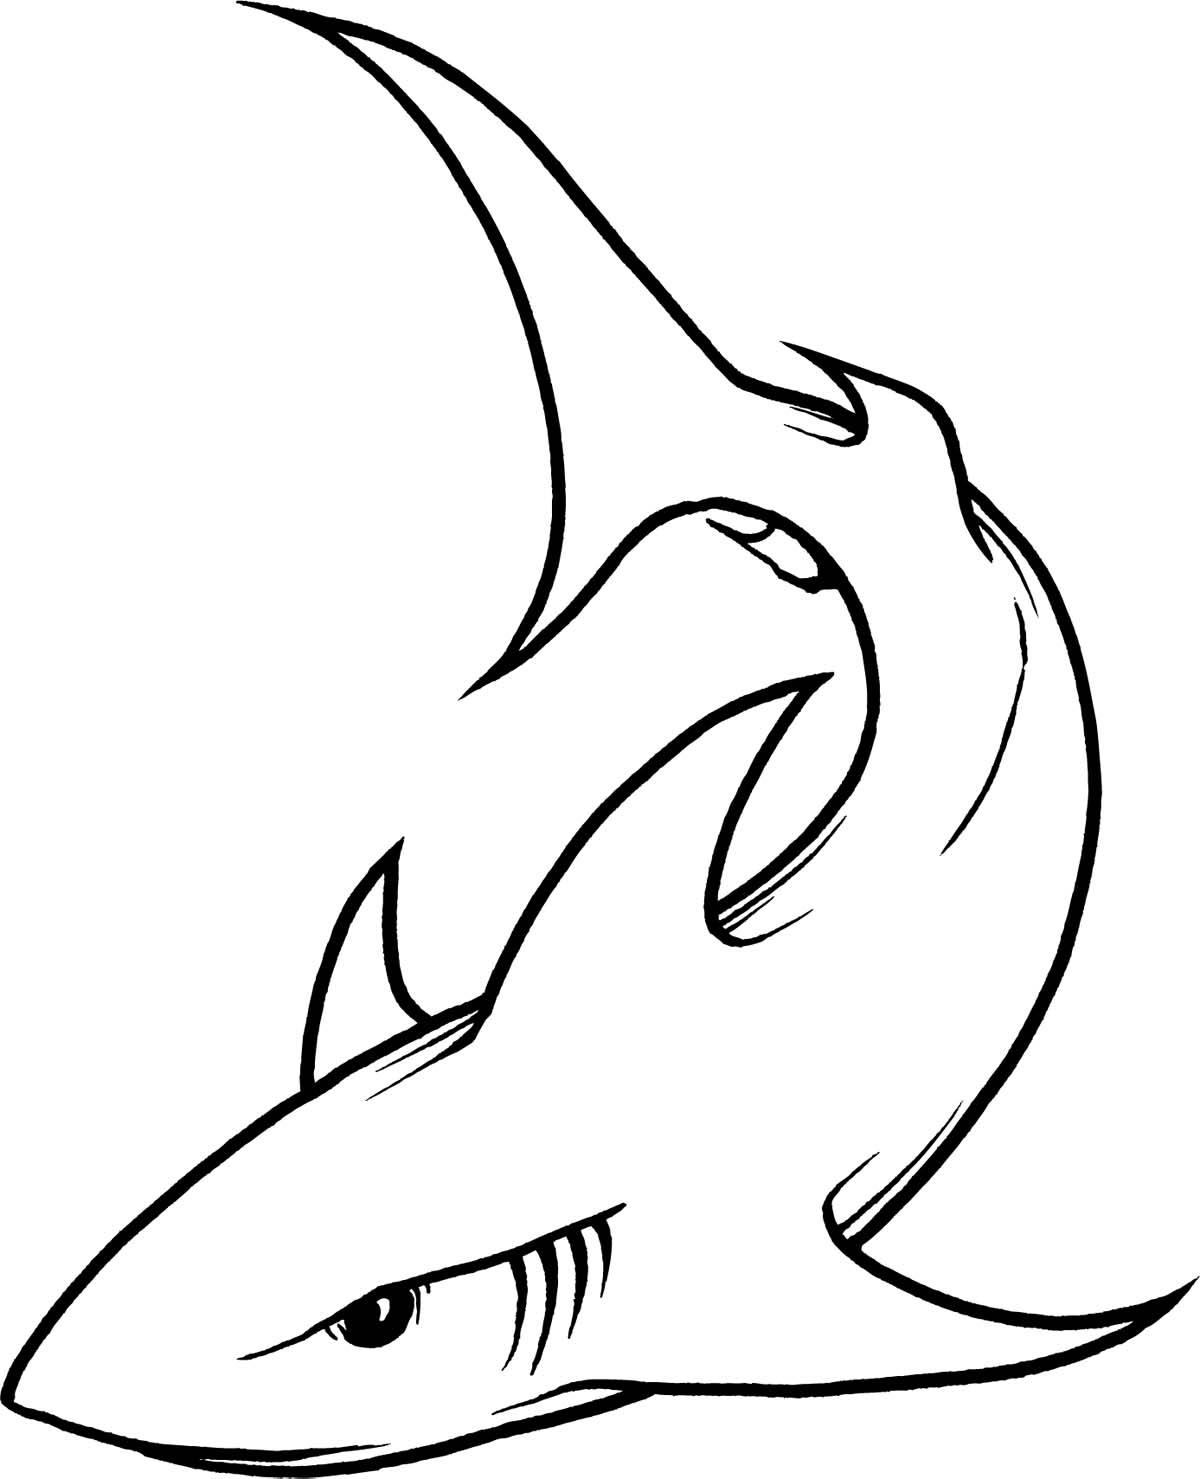 Line Drawing Of Tattoo : Shark «line drawing «other «tattoo tattoo design art